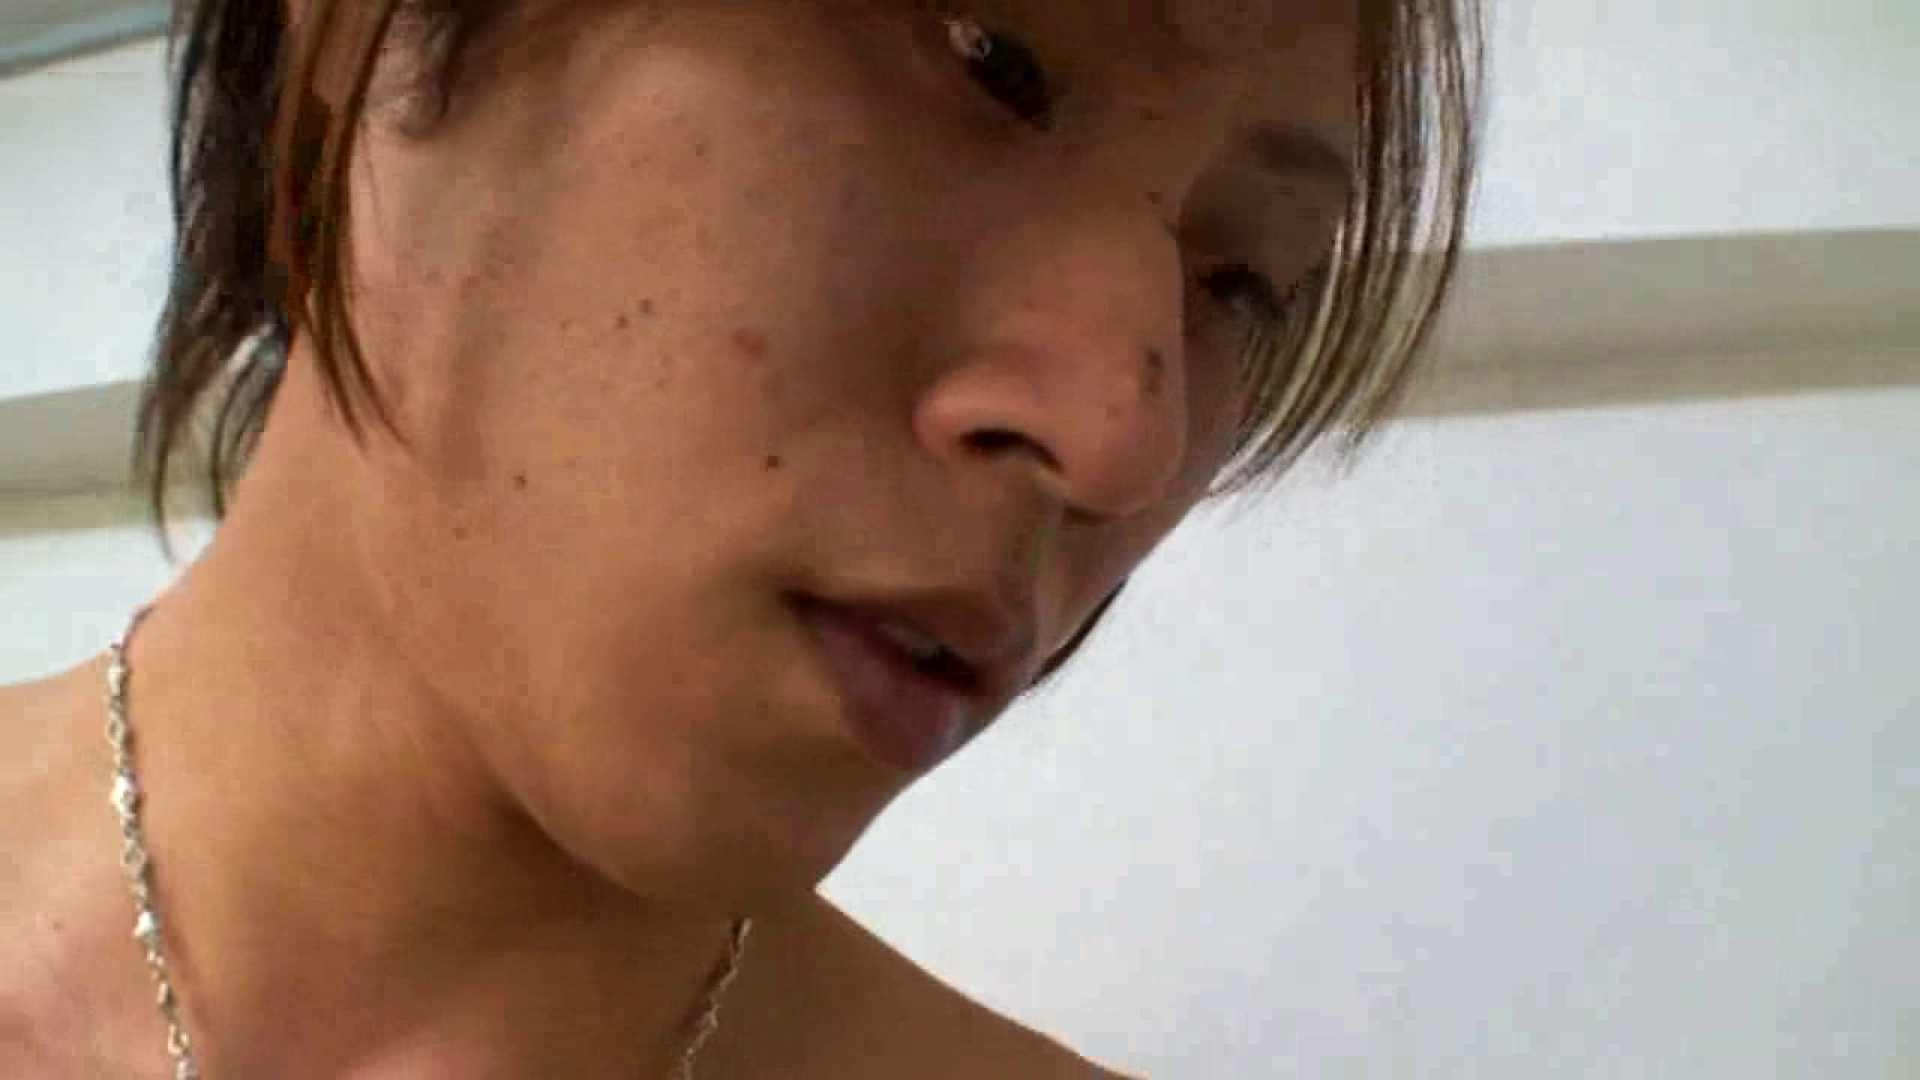 ノンケ!自慰スタジオ No.13 無修正 ゲイ無修正動画画像 102pic 92